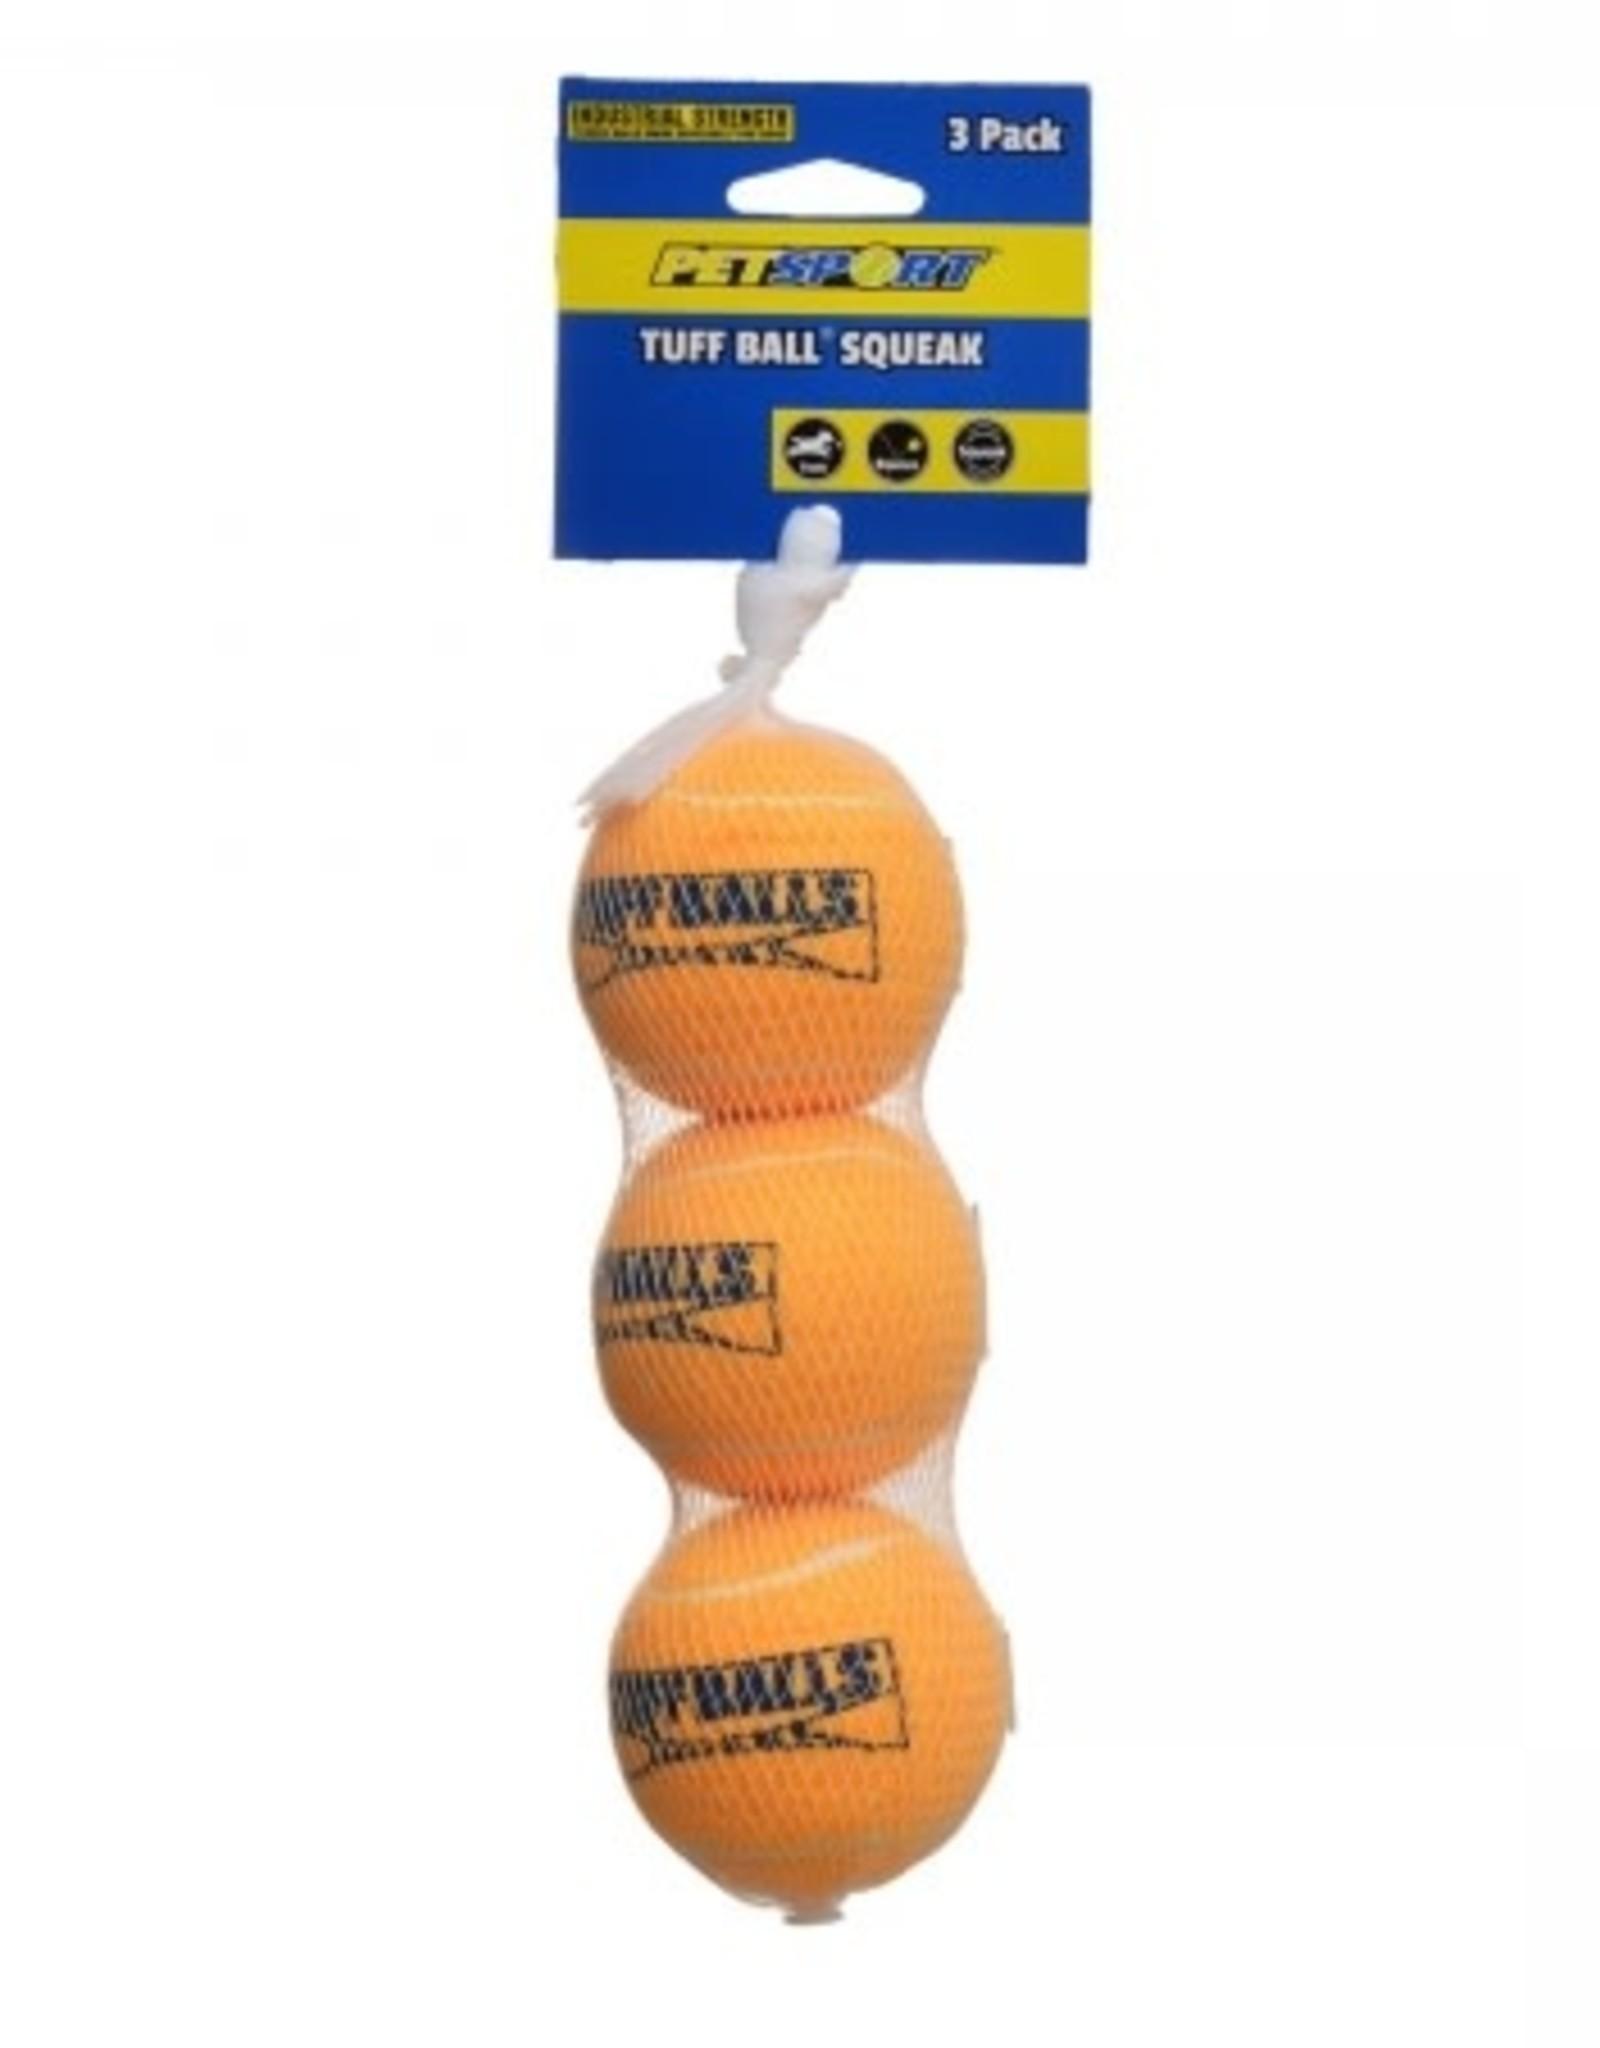 Tuff Ball Squeak Balls (3 pack)